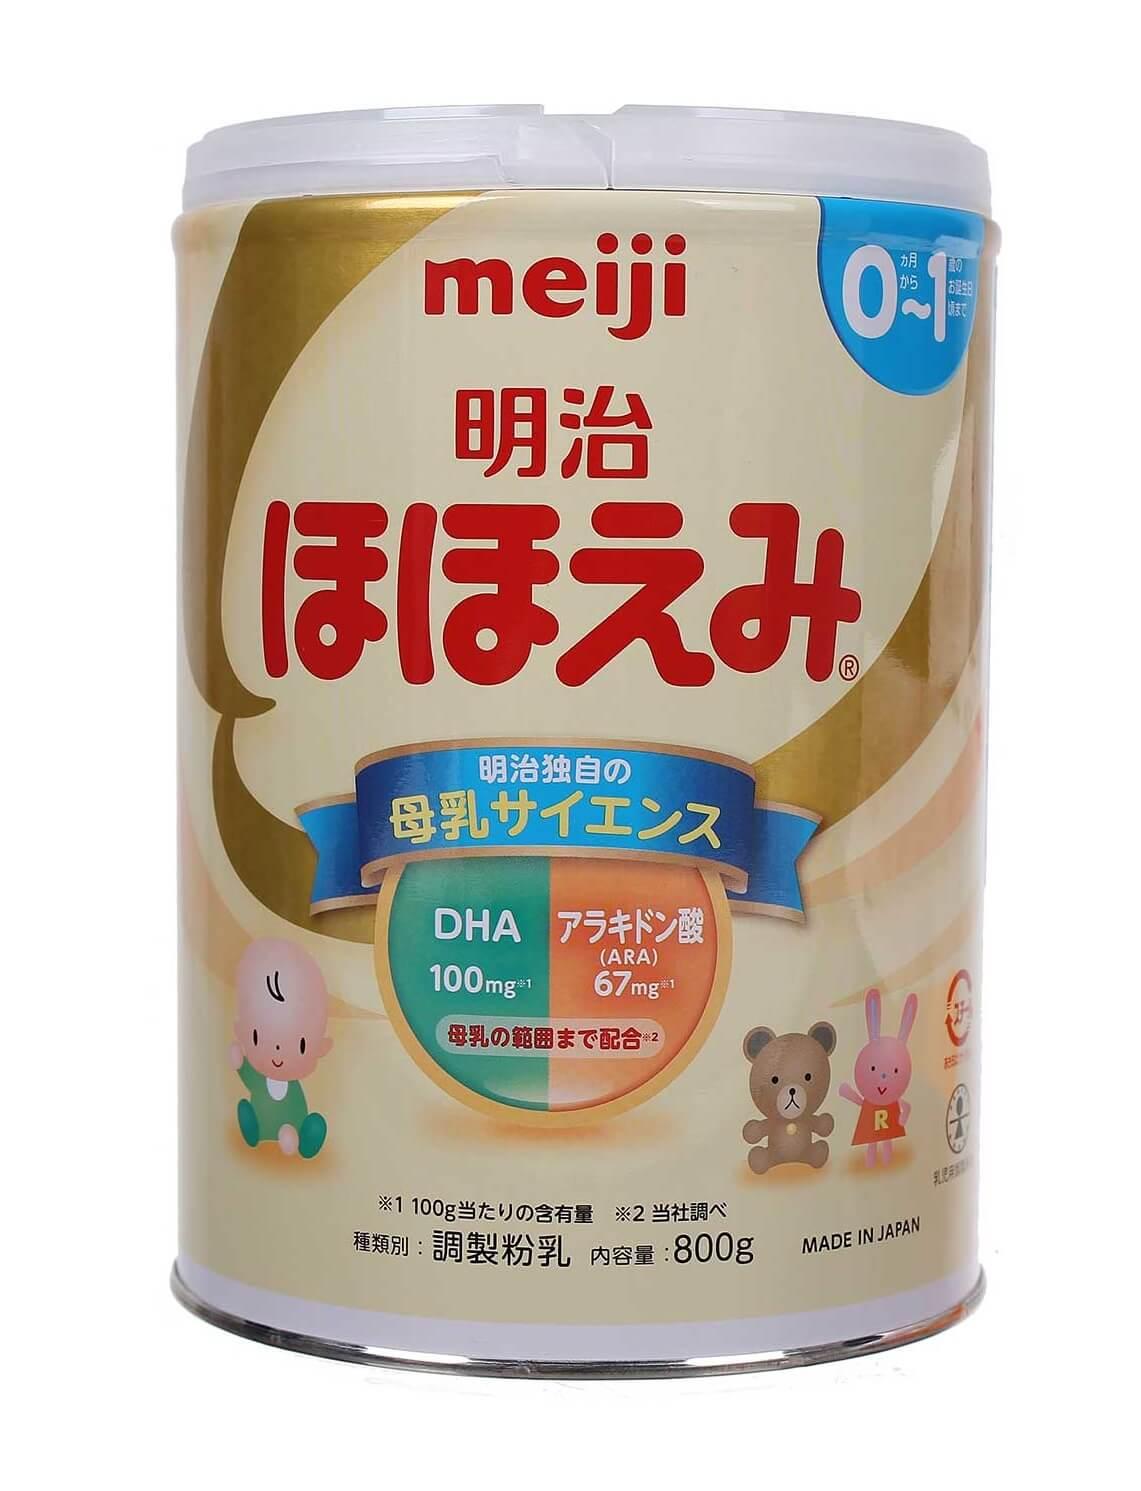 Sữa meiji số 0 800g